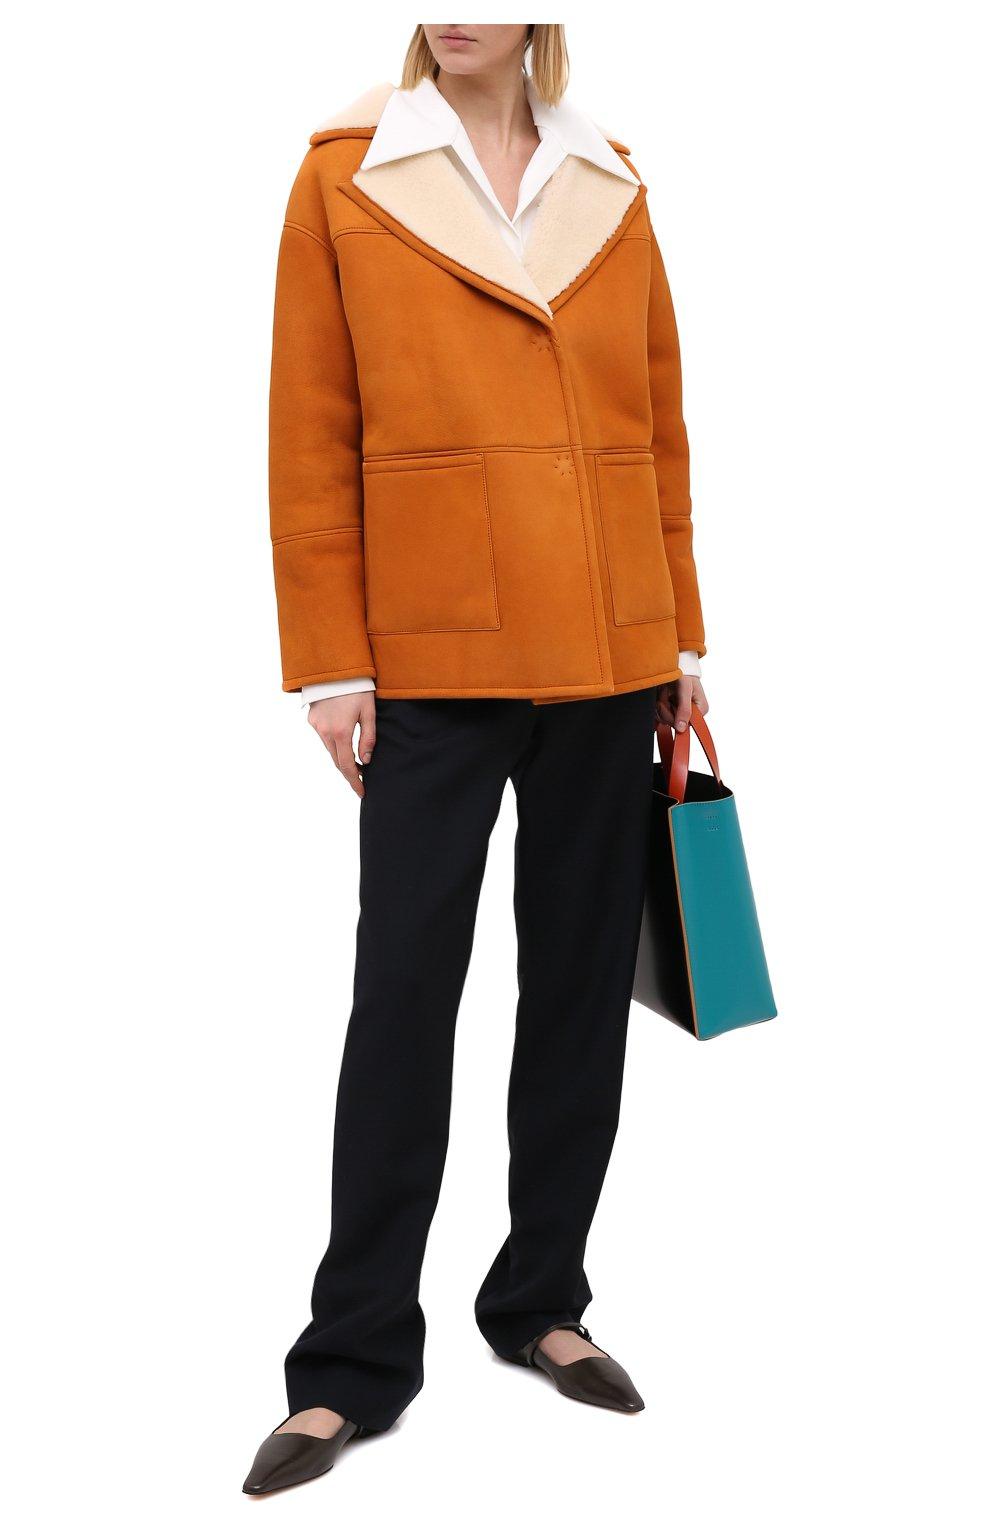 Женская дубленка BLANCHA коричневого цвета, арт. 20094/302/60/SPICE/IV0RY | Фото 2 (Женское Кросс-КТ: Мех, Замша и кожа; Рукава: Длинные; Материал внешний: Натуральный мех; Длина (верхняя одежда): Короткие)